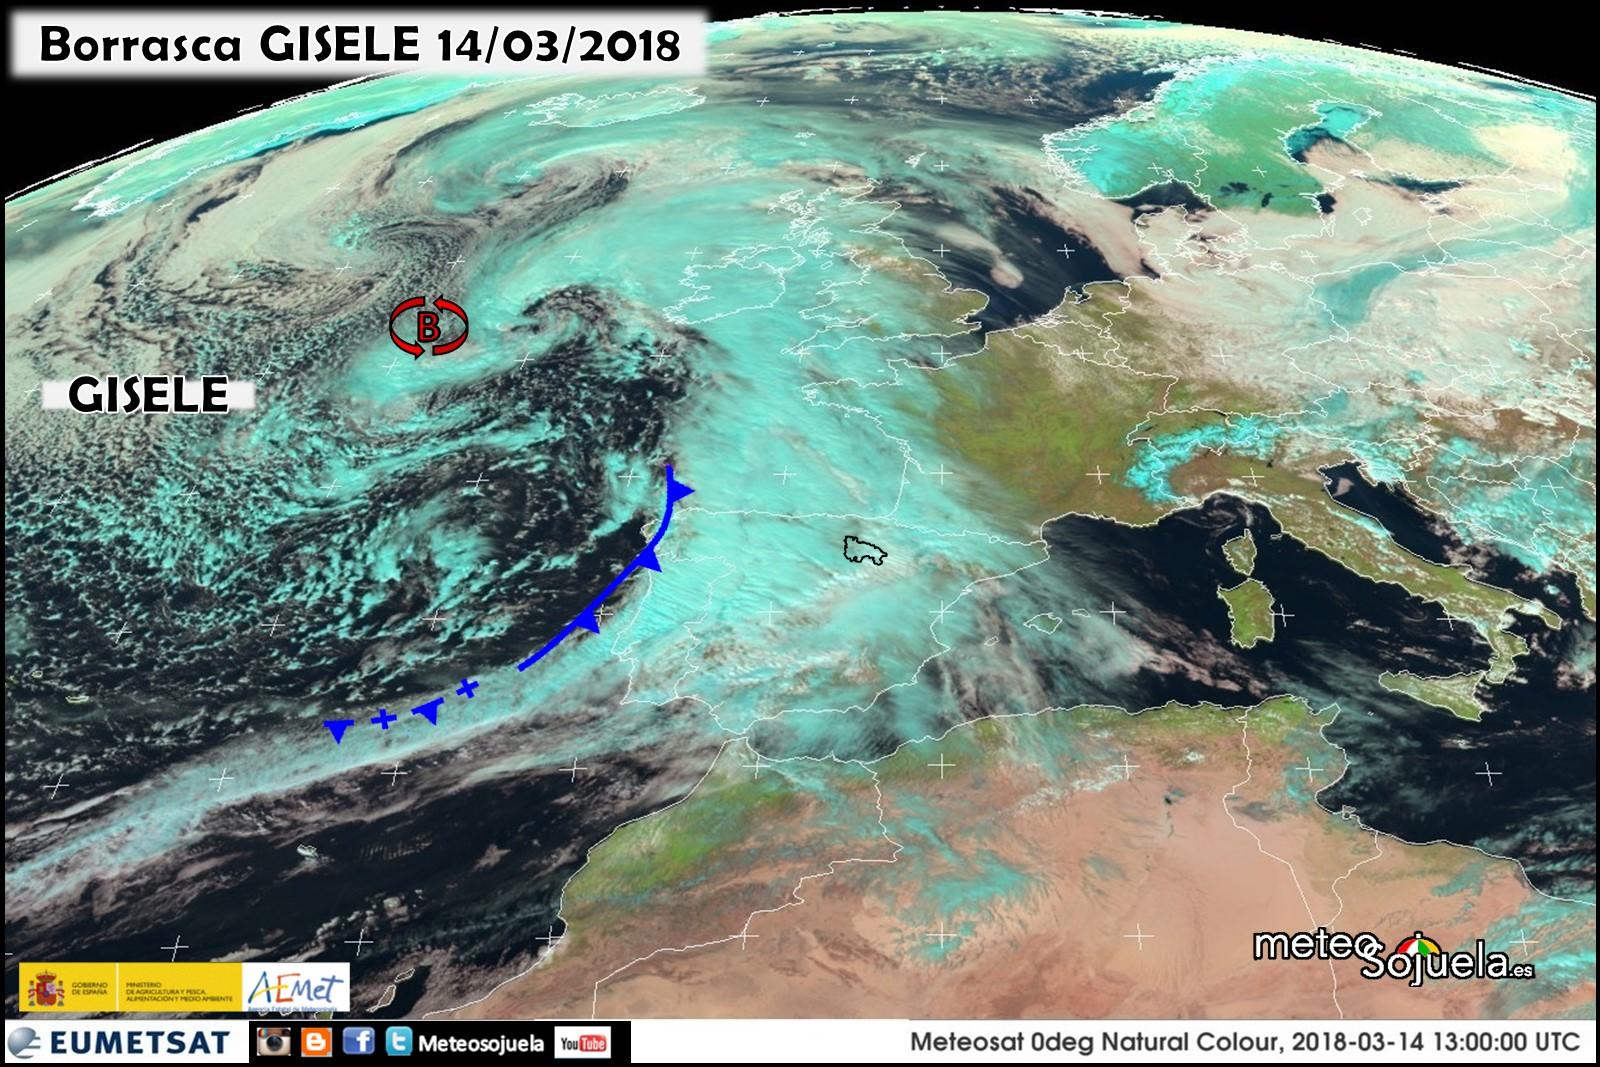 Imágen de satélite de la borrasca GISELE. Meteosojuela